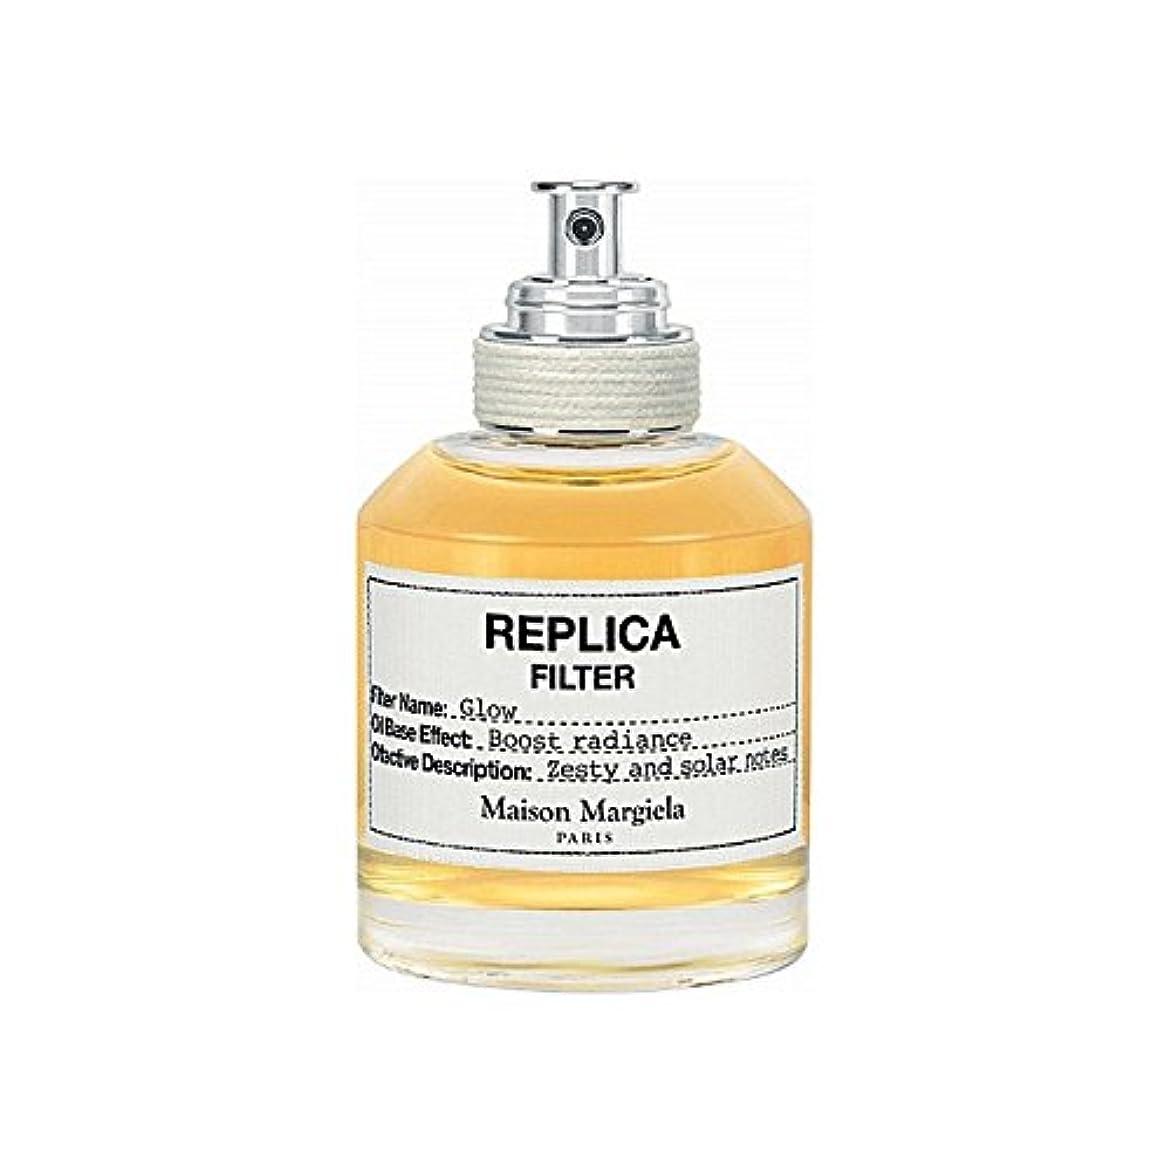 出版トムオードリース印象的メゾンマルジェラグローレプリカフィルタ50ミリリットル x2 - Maison Margiela Glow Replica Filter 50ml (Pack of 2) [並行輸入品]